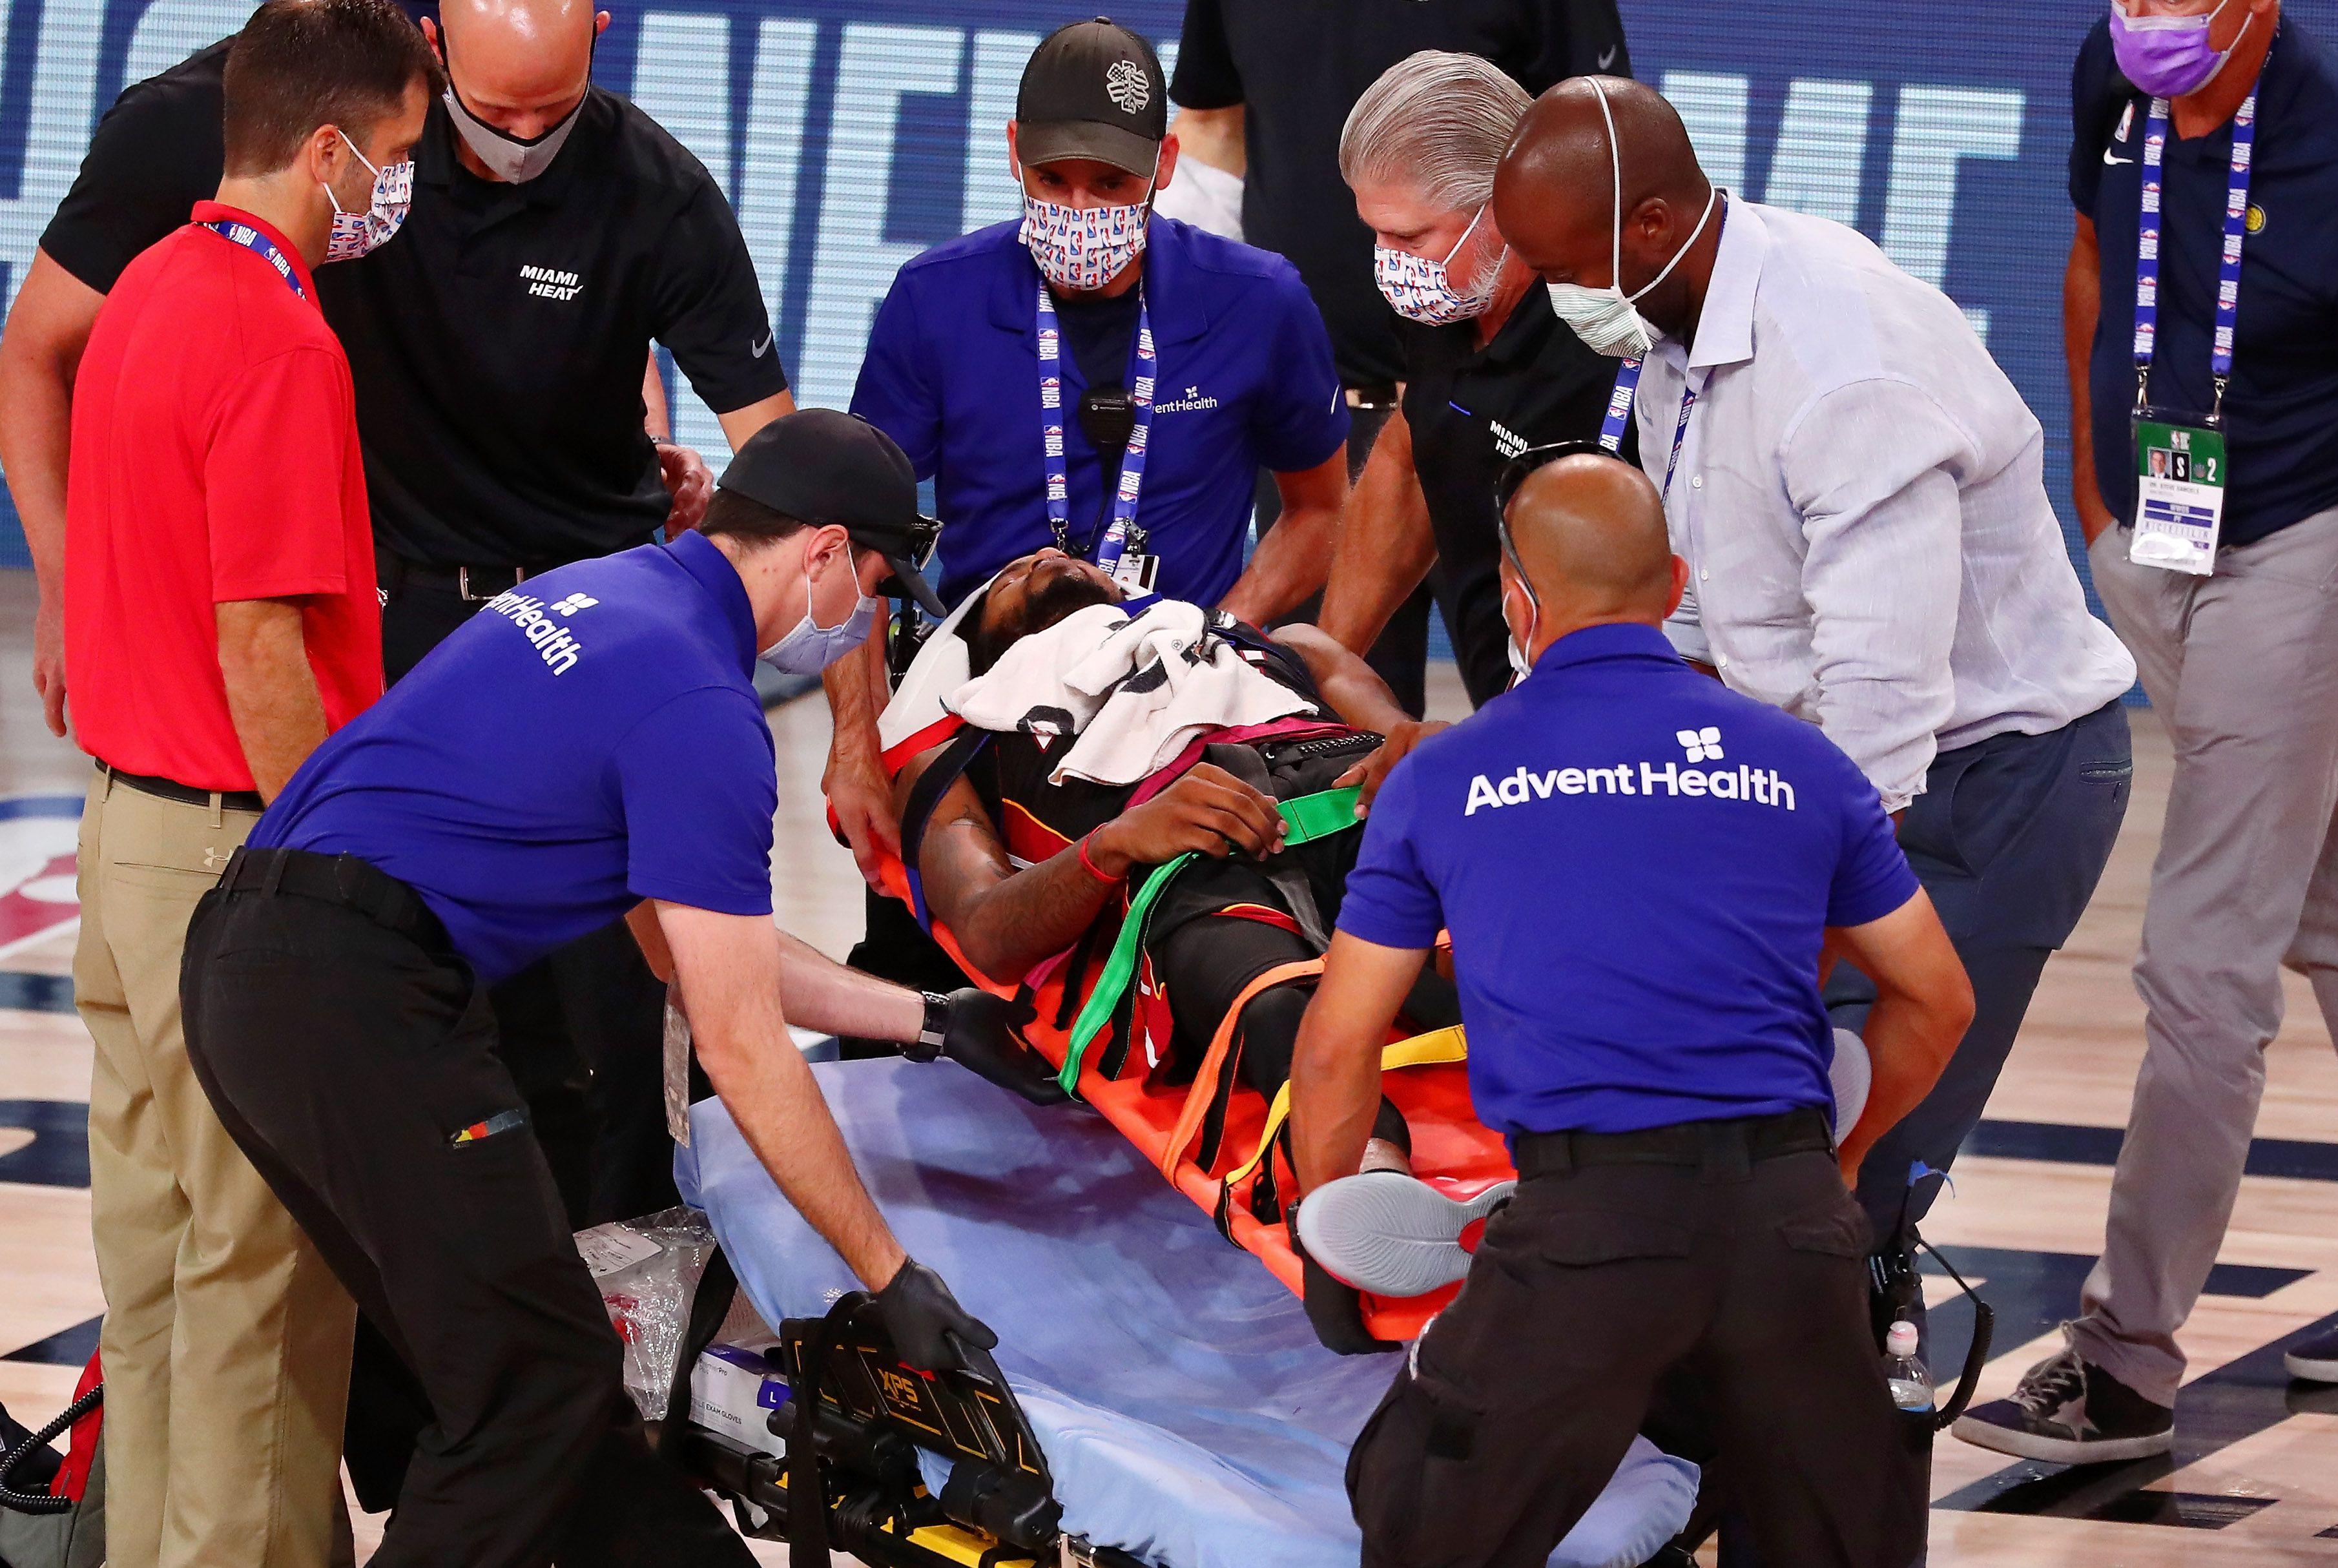 Jones Jr terminó con una distensión en su cuello, según informó el Miami Heat en su informe médico (Kim Klement-USA TODAY Sports)